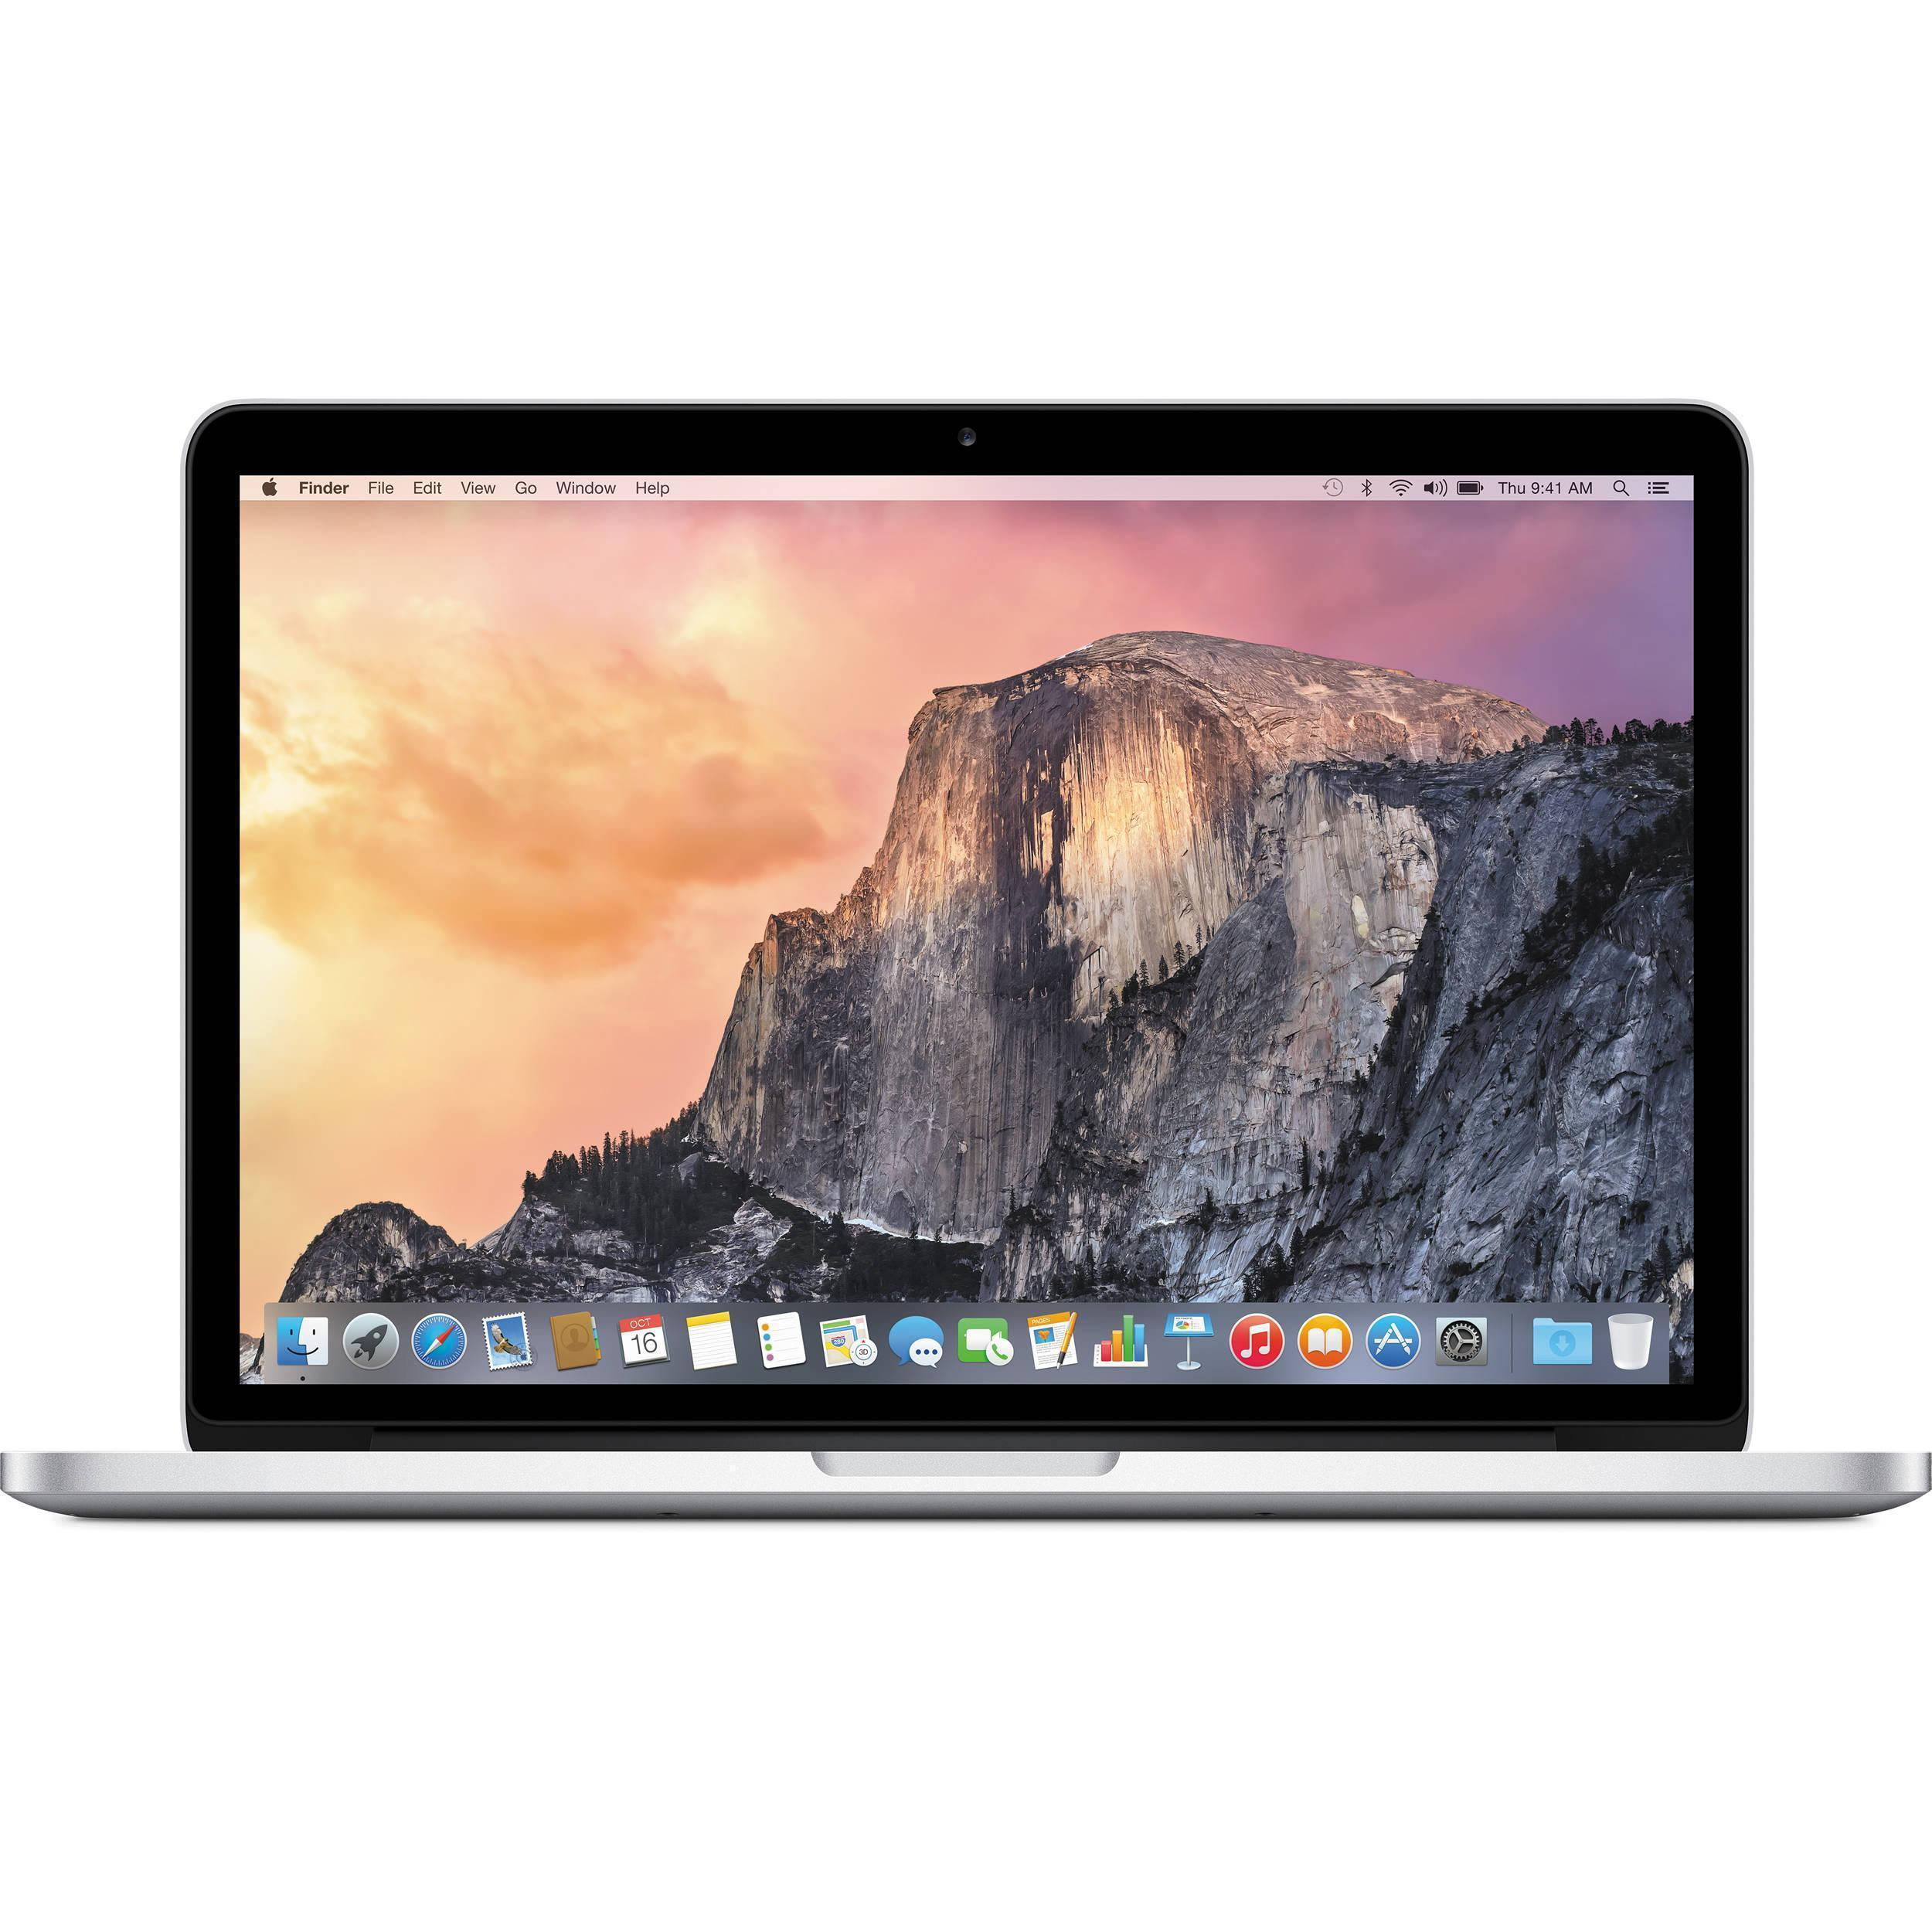 MacBook Pro Retina 13,3-tum (2014) - Core i5 - 8GB - SSD 128 GB QWERTY - Engelska (Storbritannien)